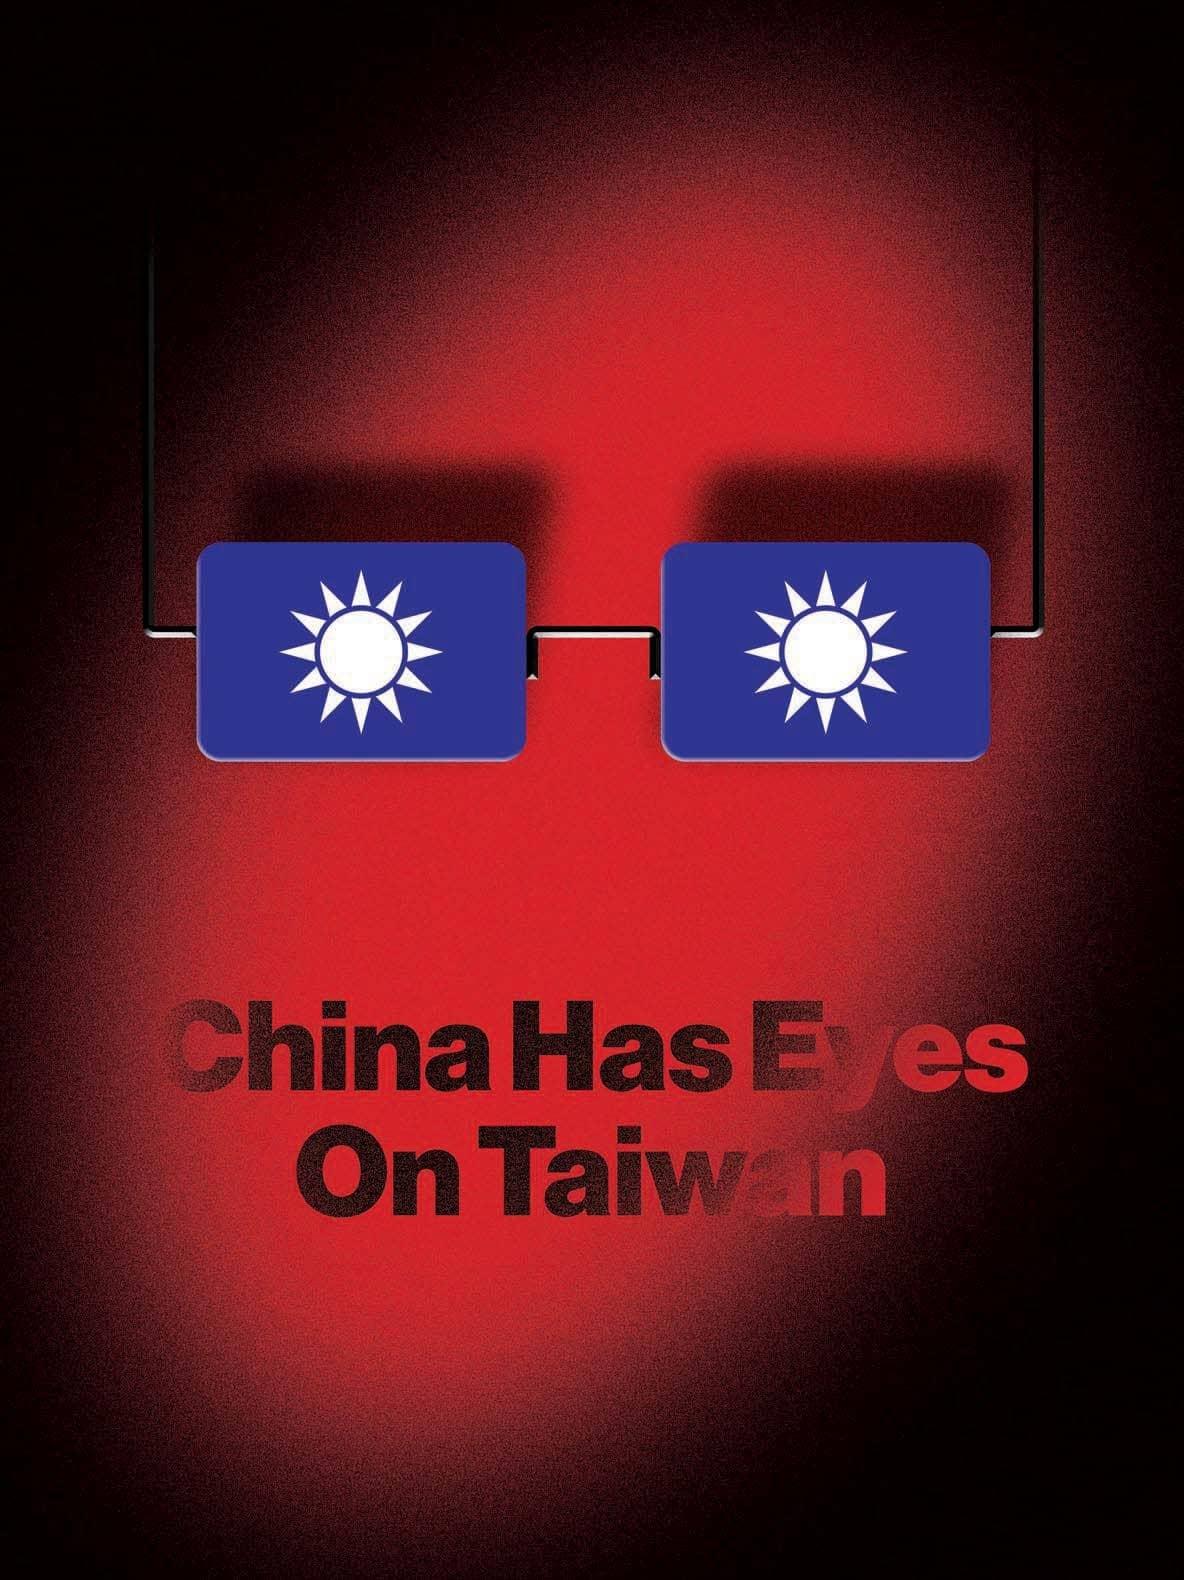 China Has Eyes On Taiwan